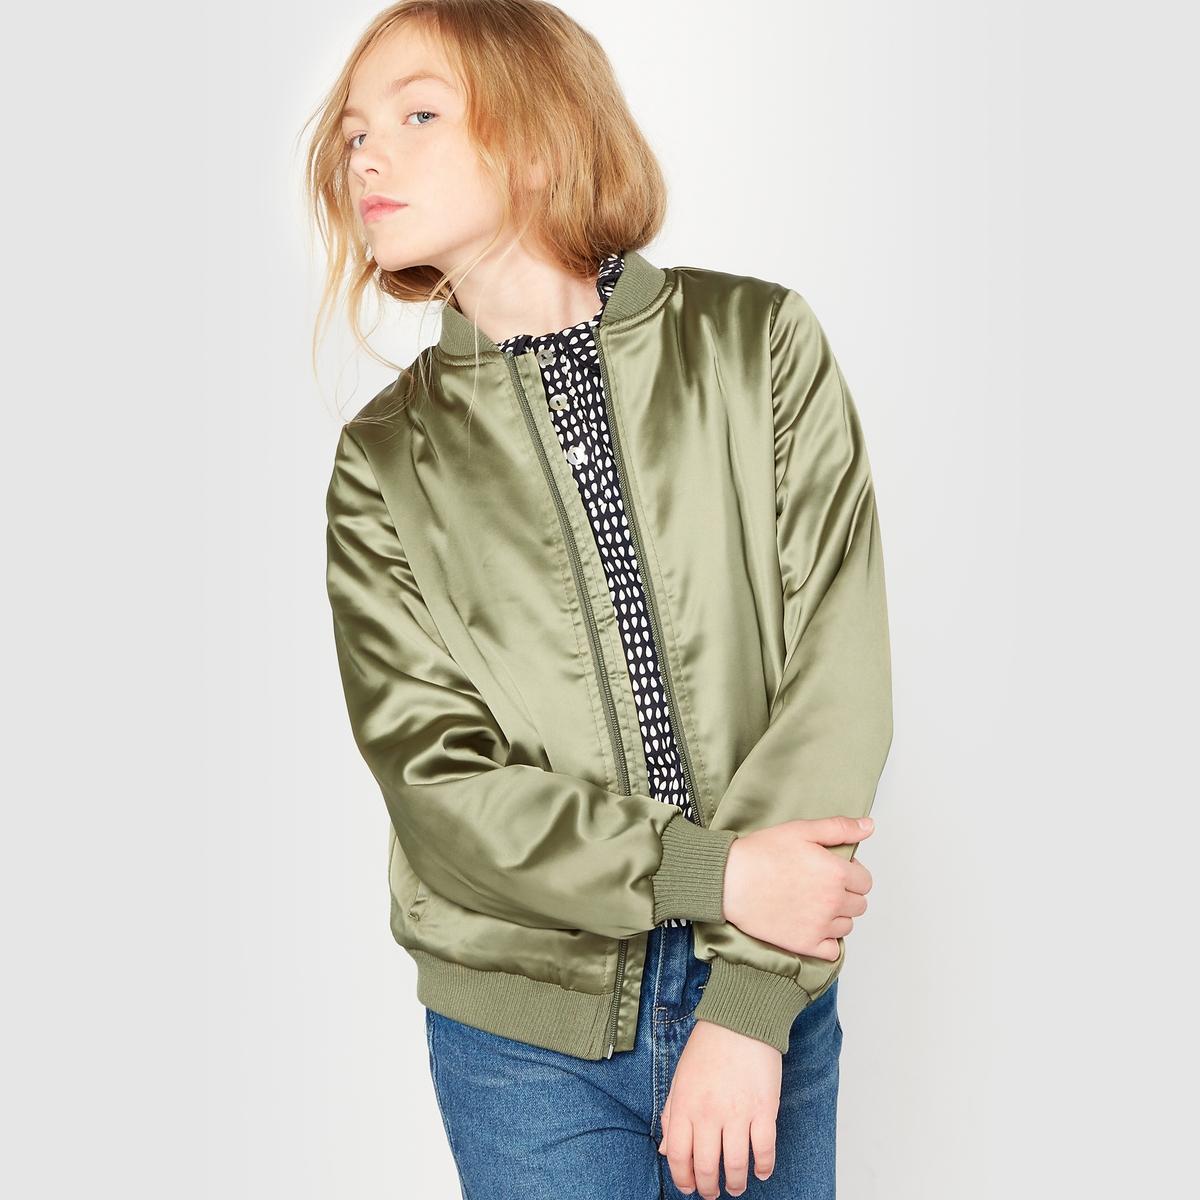 Куртка-бомбер из сатина 10-16 летКуртка в стиле бомбер из сатина . Круглый вырез. Длинные рукава. Застежка на молнию. боковые карманы . Манжеты и низ на резинке.Состав и описание : Материал       97% полиэстера, 3% эластанаМарка: R pop.  Уход :Машинная стирка при 30° на умеренном режиме с одеждой подобного цвета .Стирать, предварительно вывернув на изнанку.Машинная сушка запрещена.Не гладить<br><br>Цвет: хаки<br>Размер: 16 лет